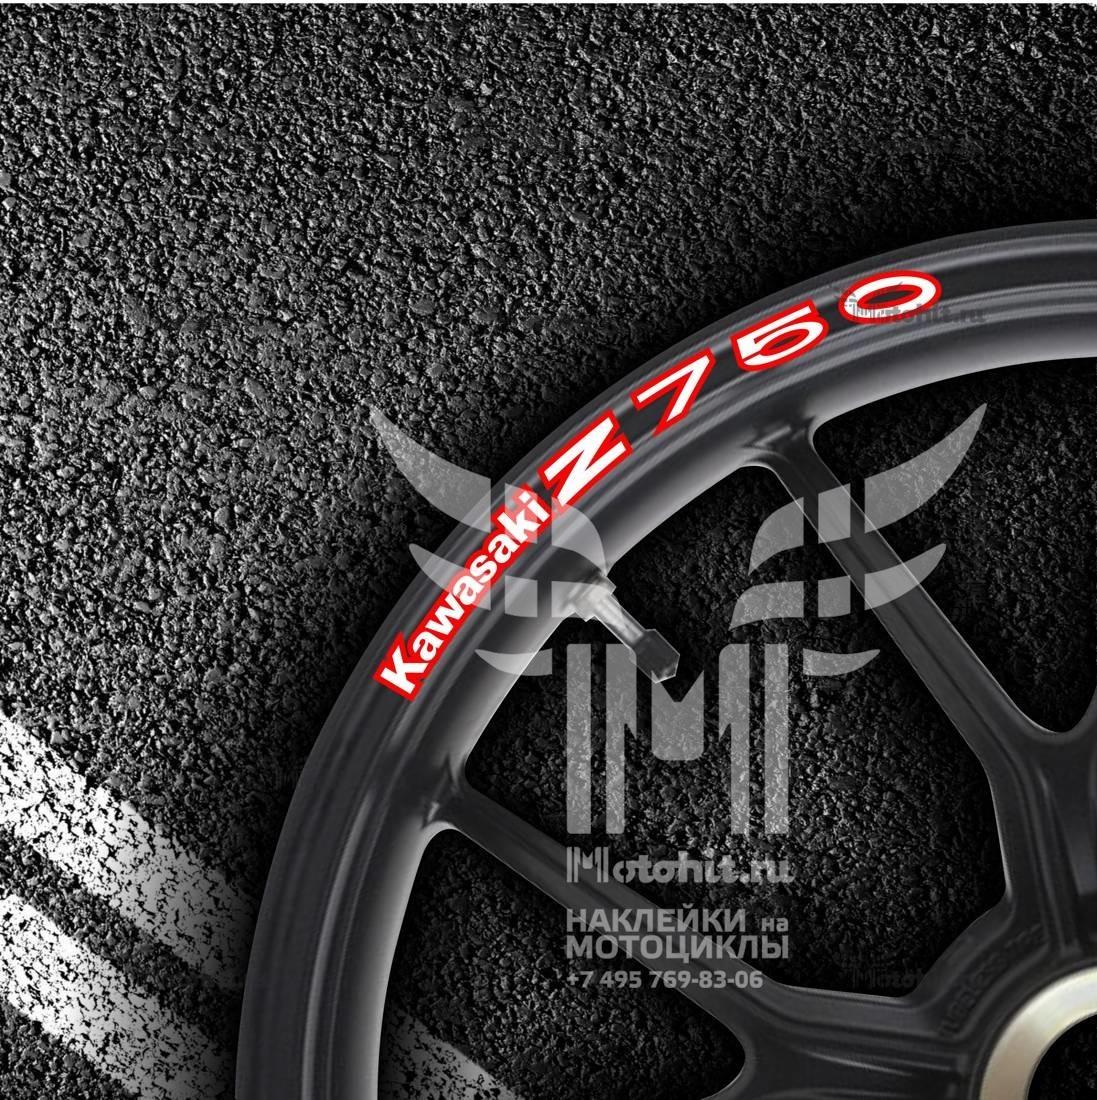 Комплект наклеек на обод колеса мотоцикла KAWASAKI Z-750